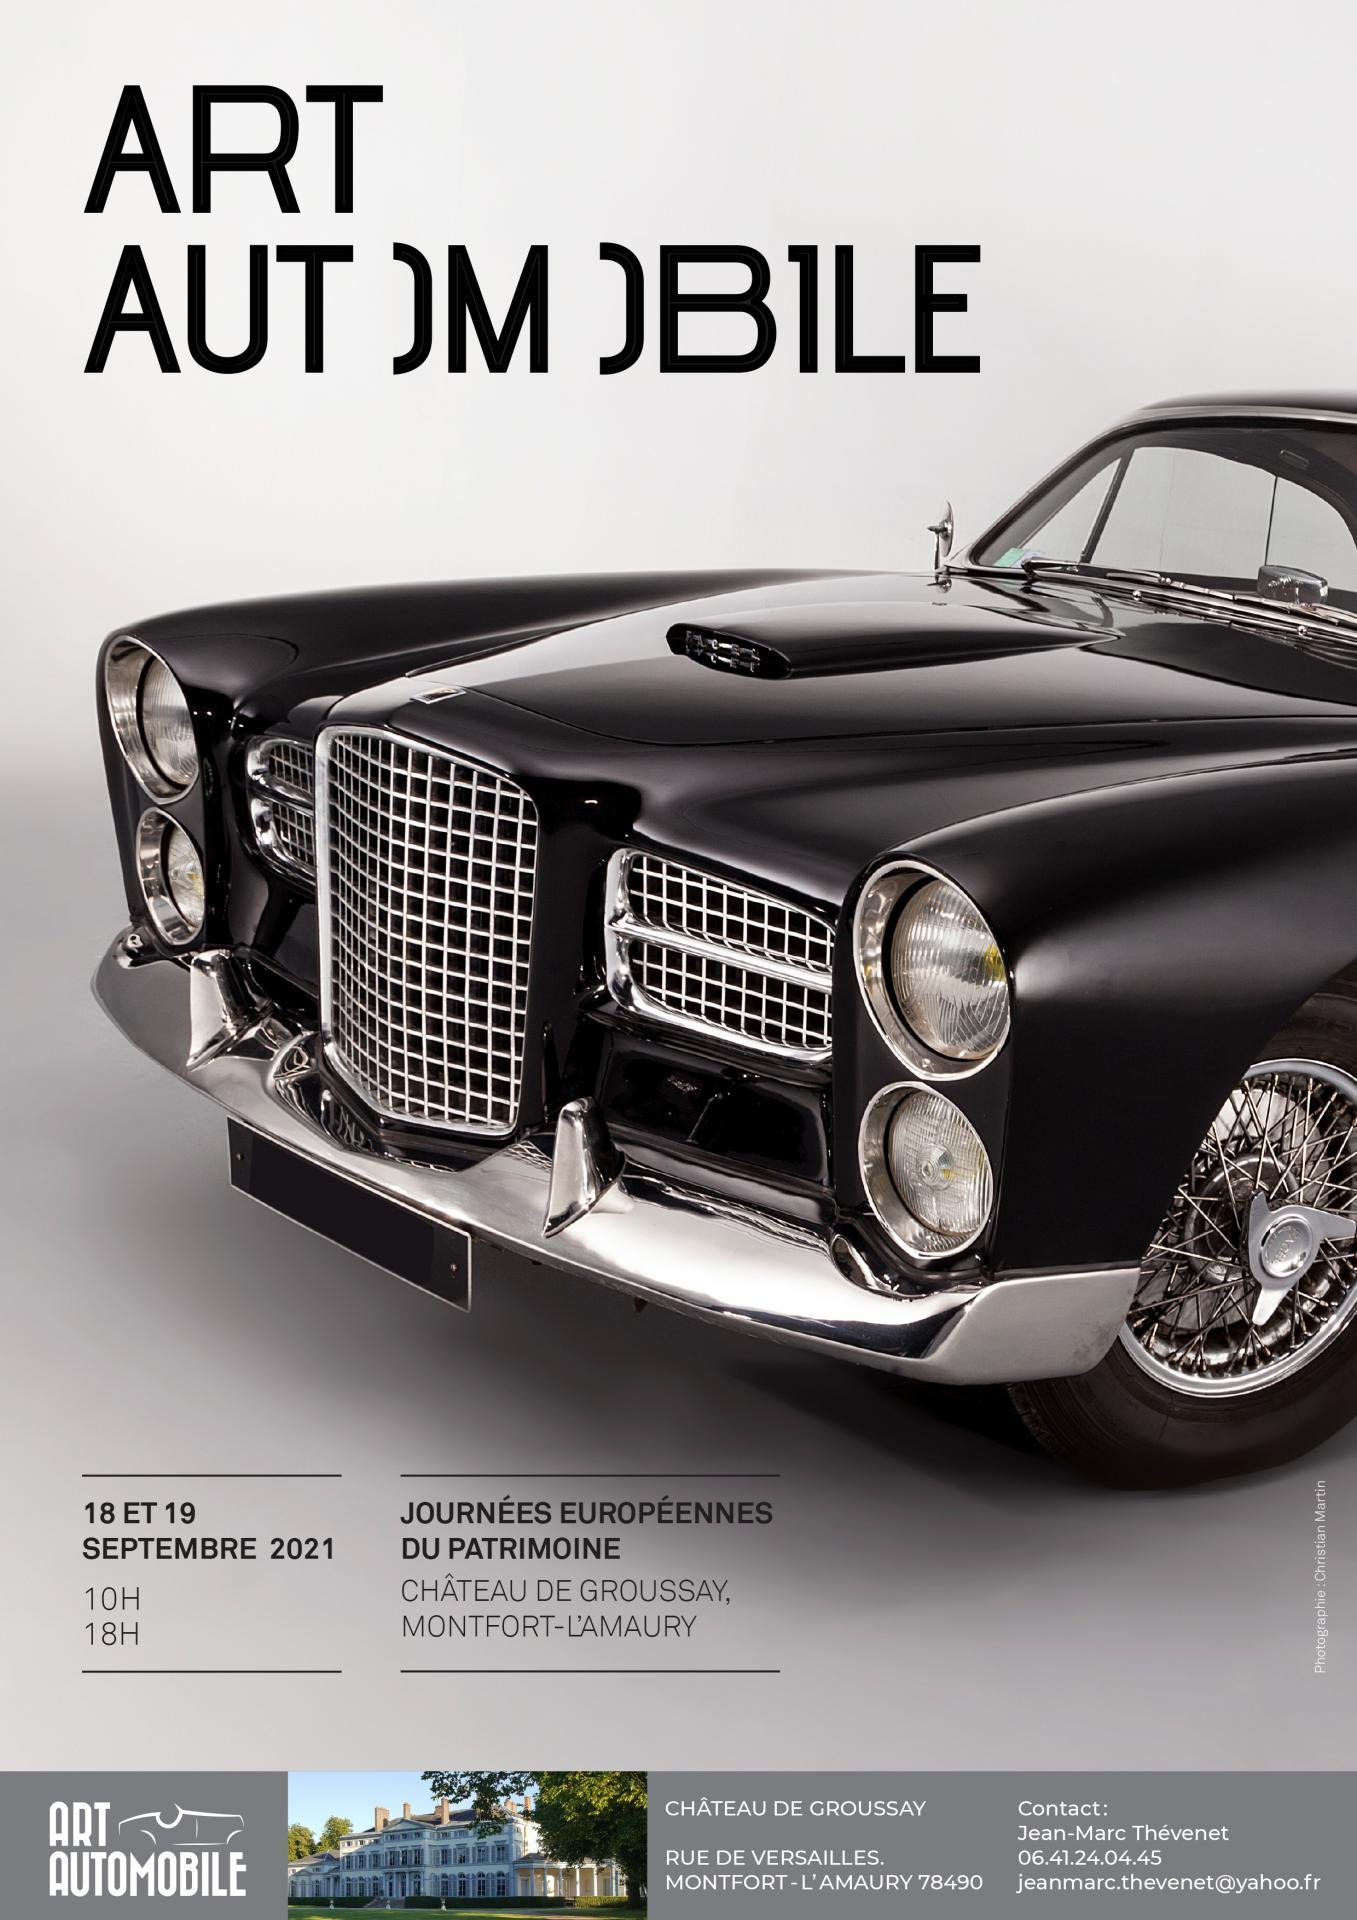 Affiche art automobile 2021 1